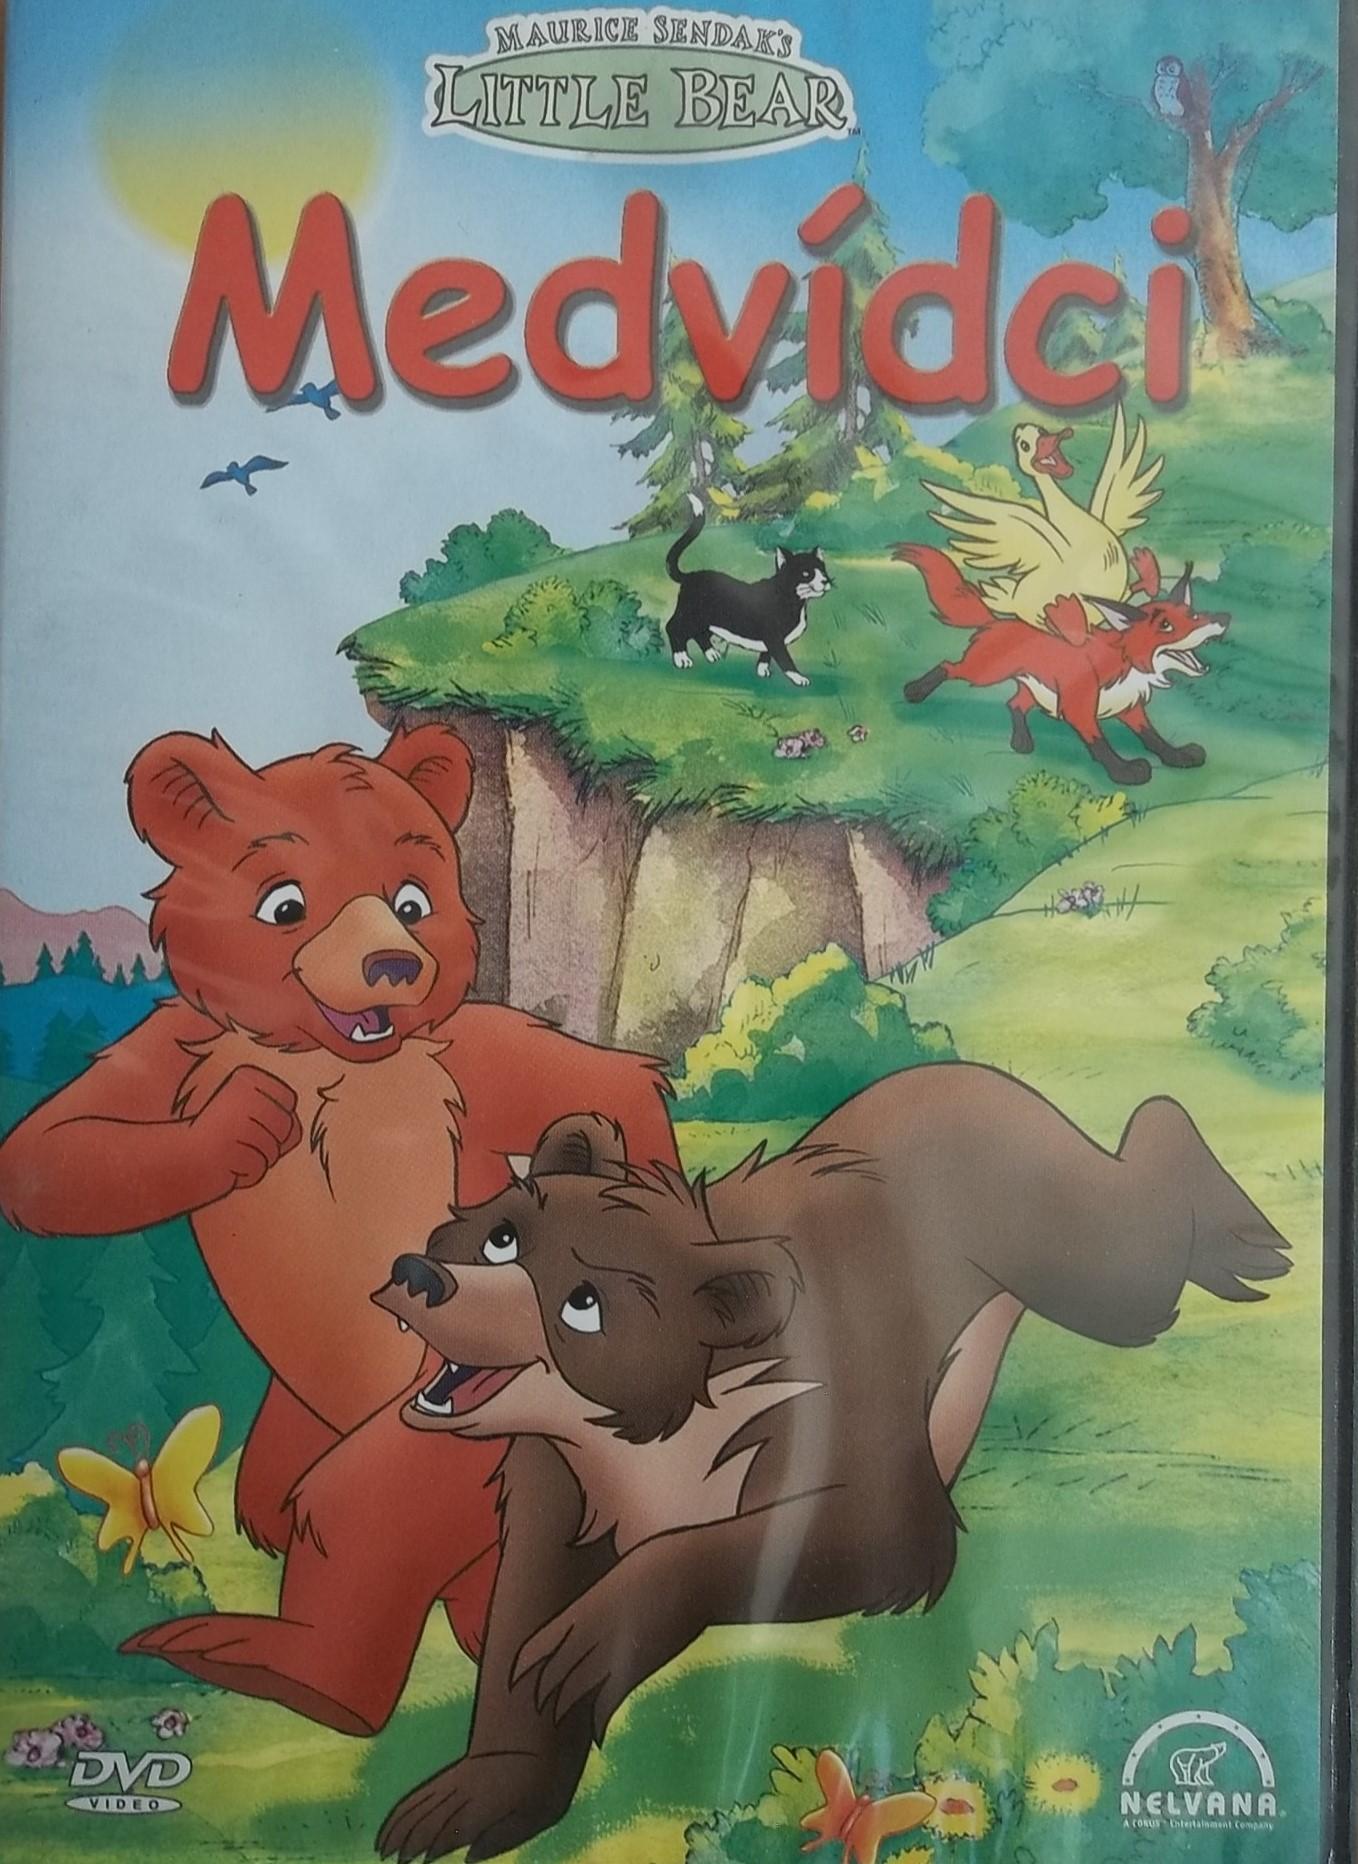 Medvídci - DVD